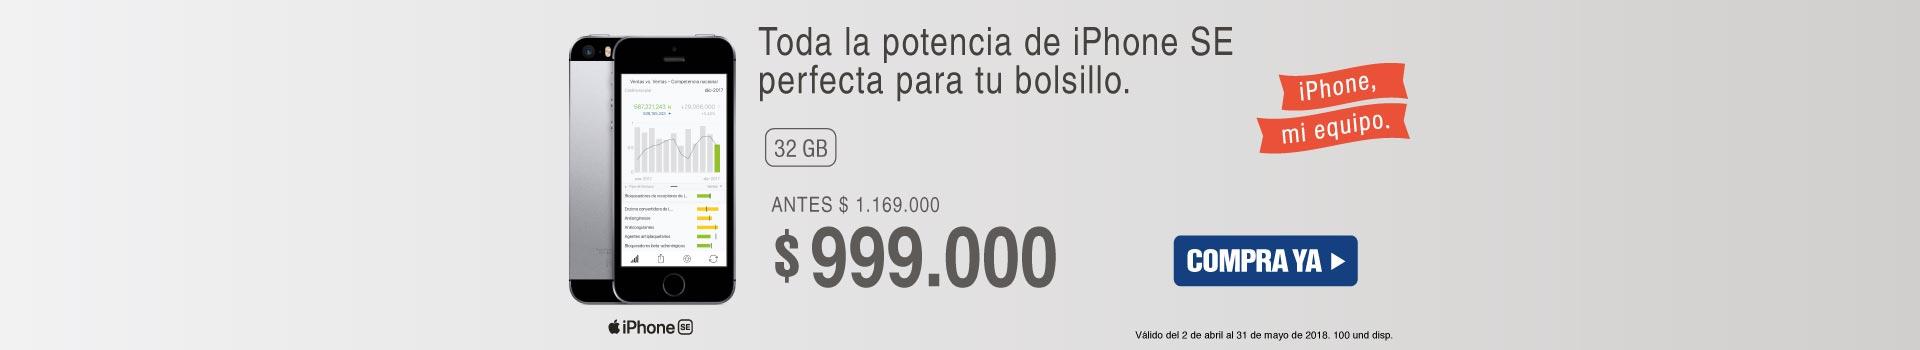 KT-BCAT-1-celulares-PP---Apple-iPhoneSE-May23